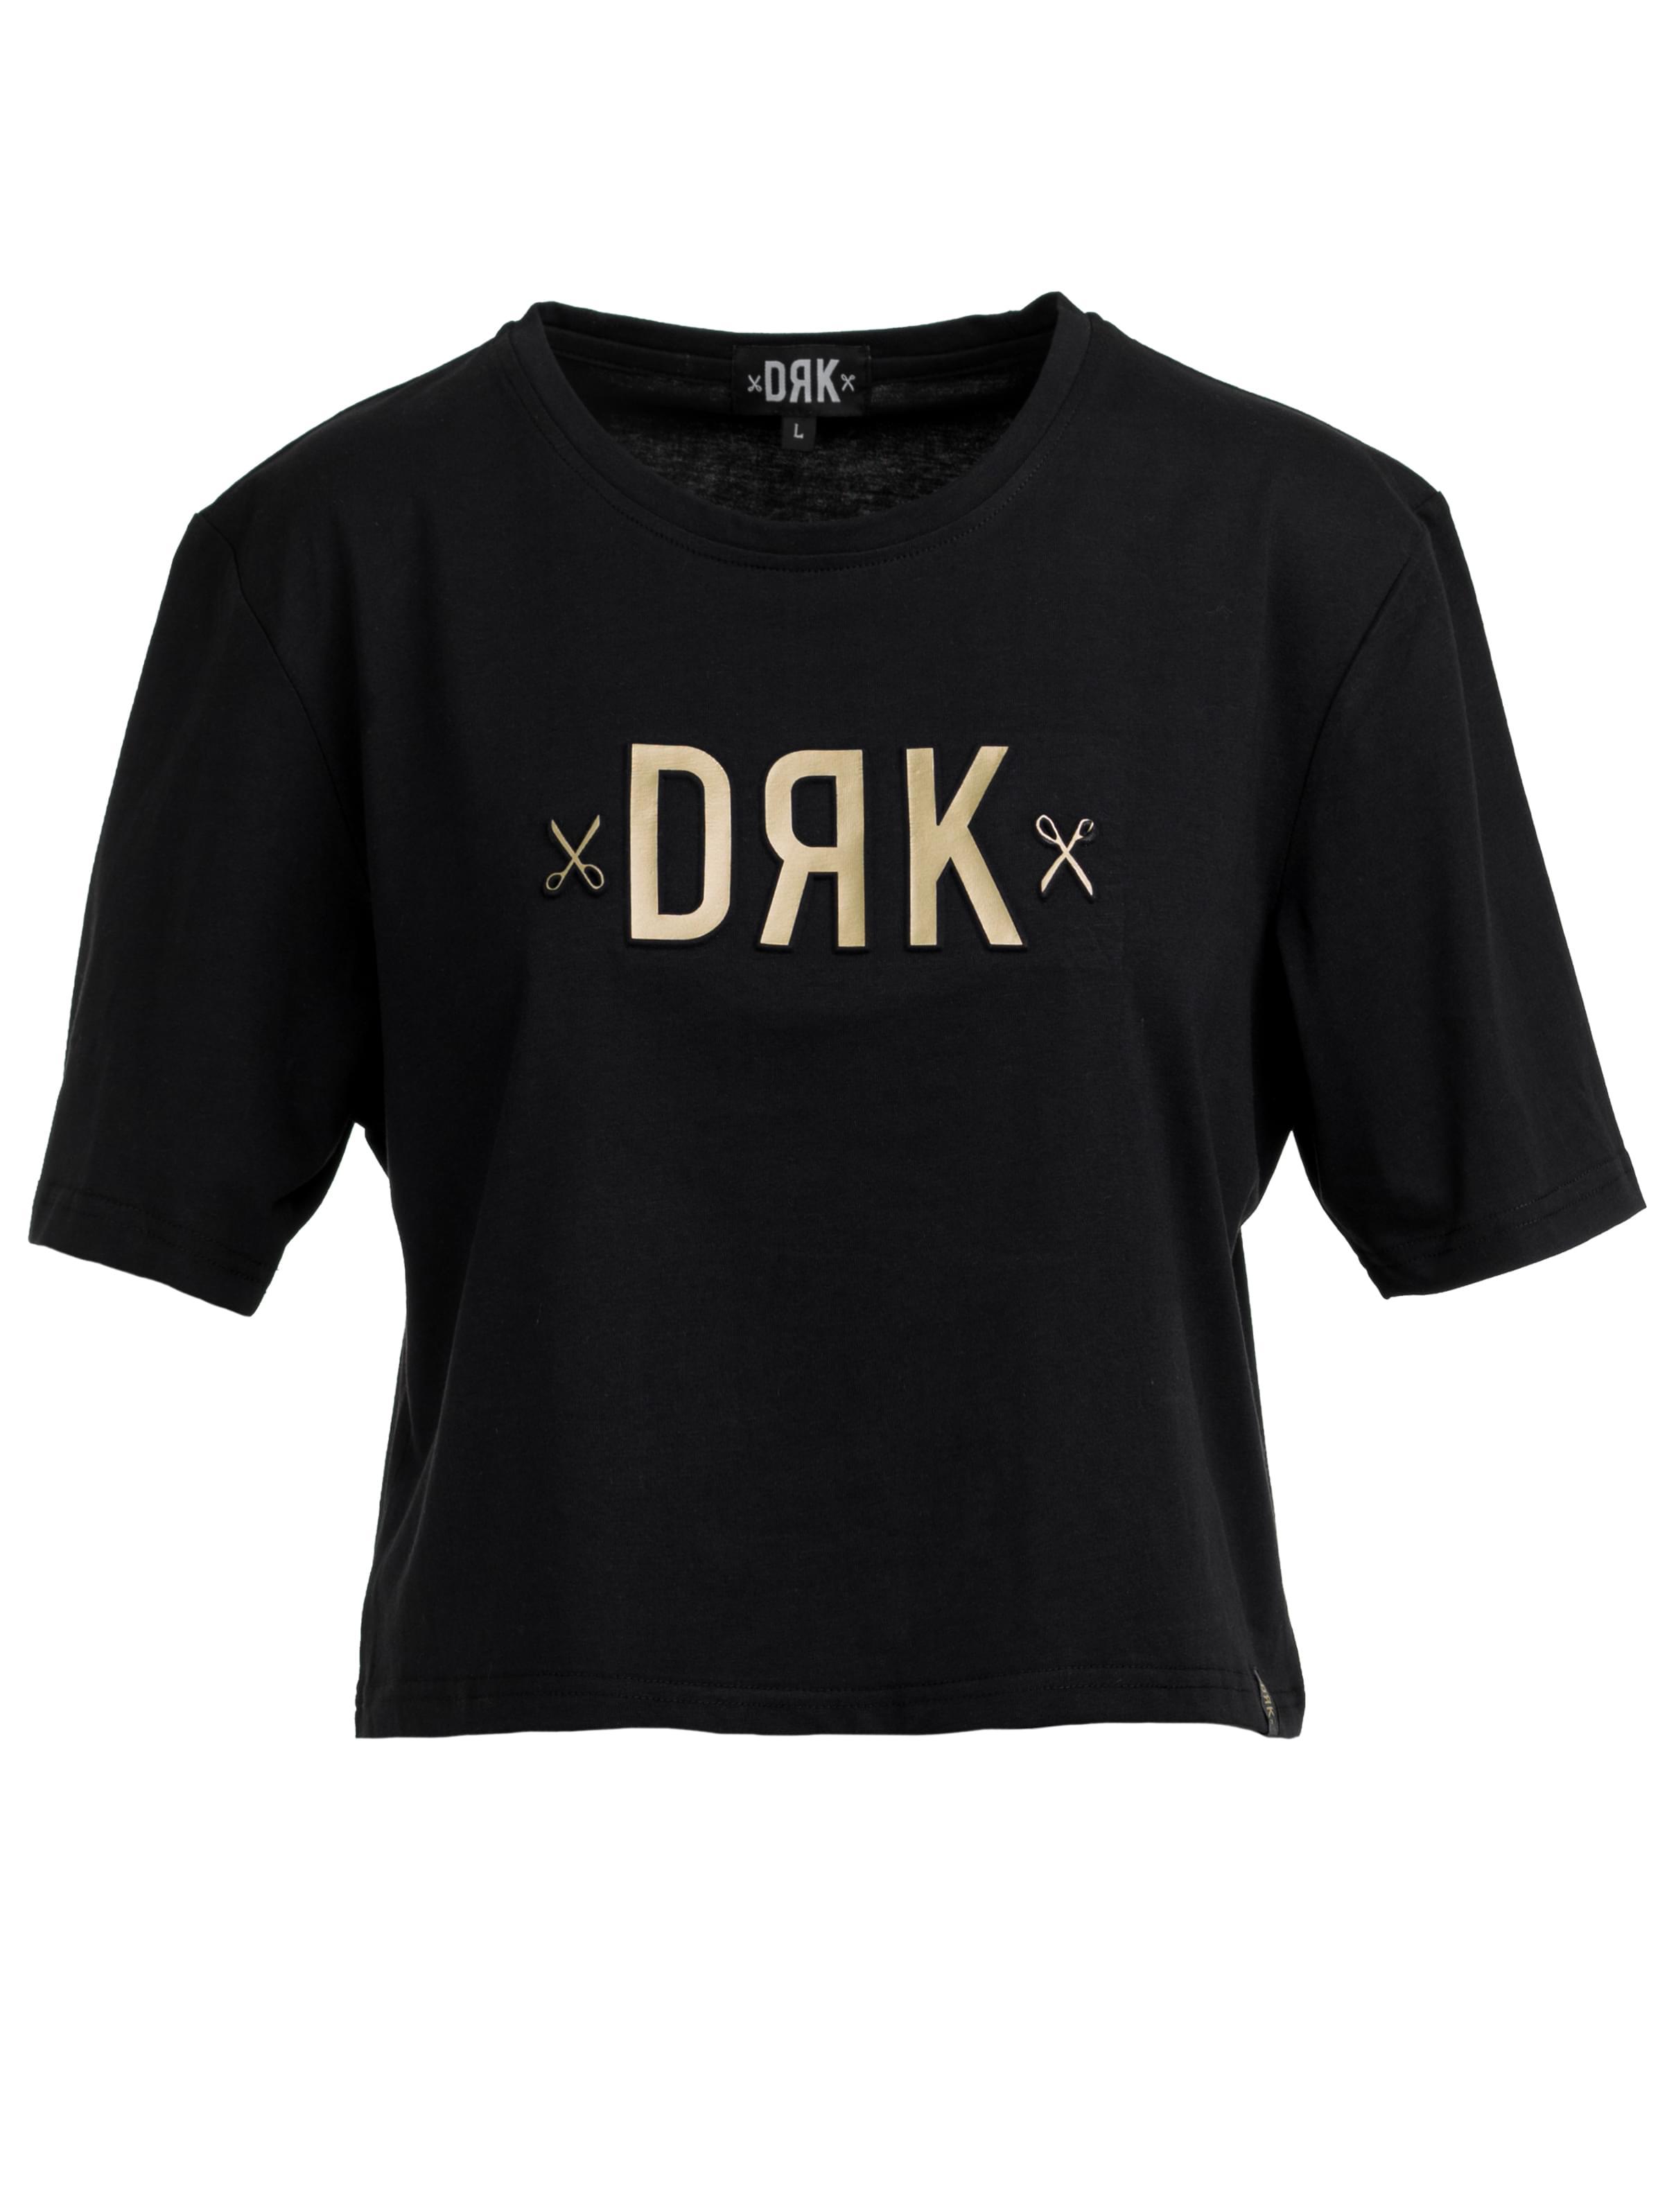 76060fe628 Dorko 3D Embossed Logo Croped Dtbas18w50_0001 Női Póló | Póló